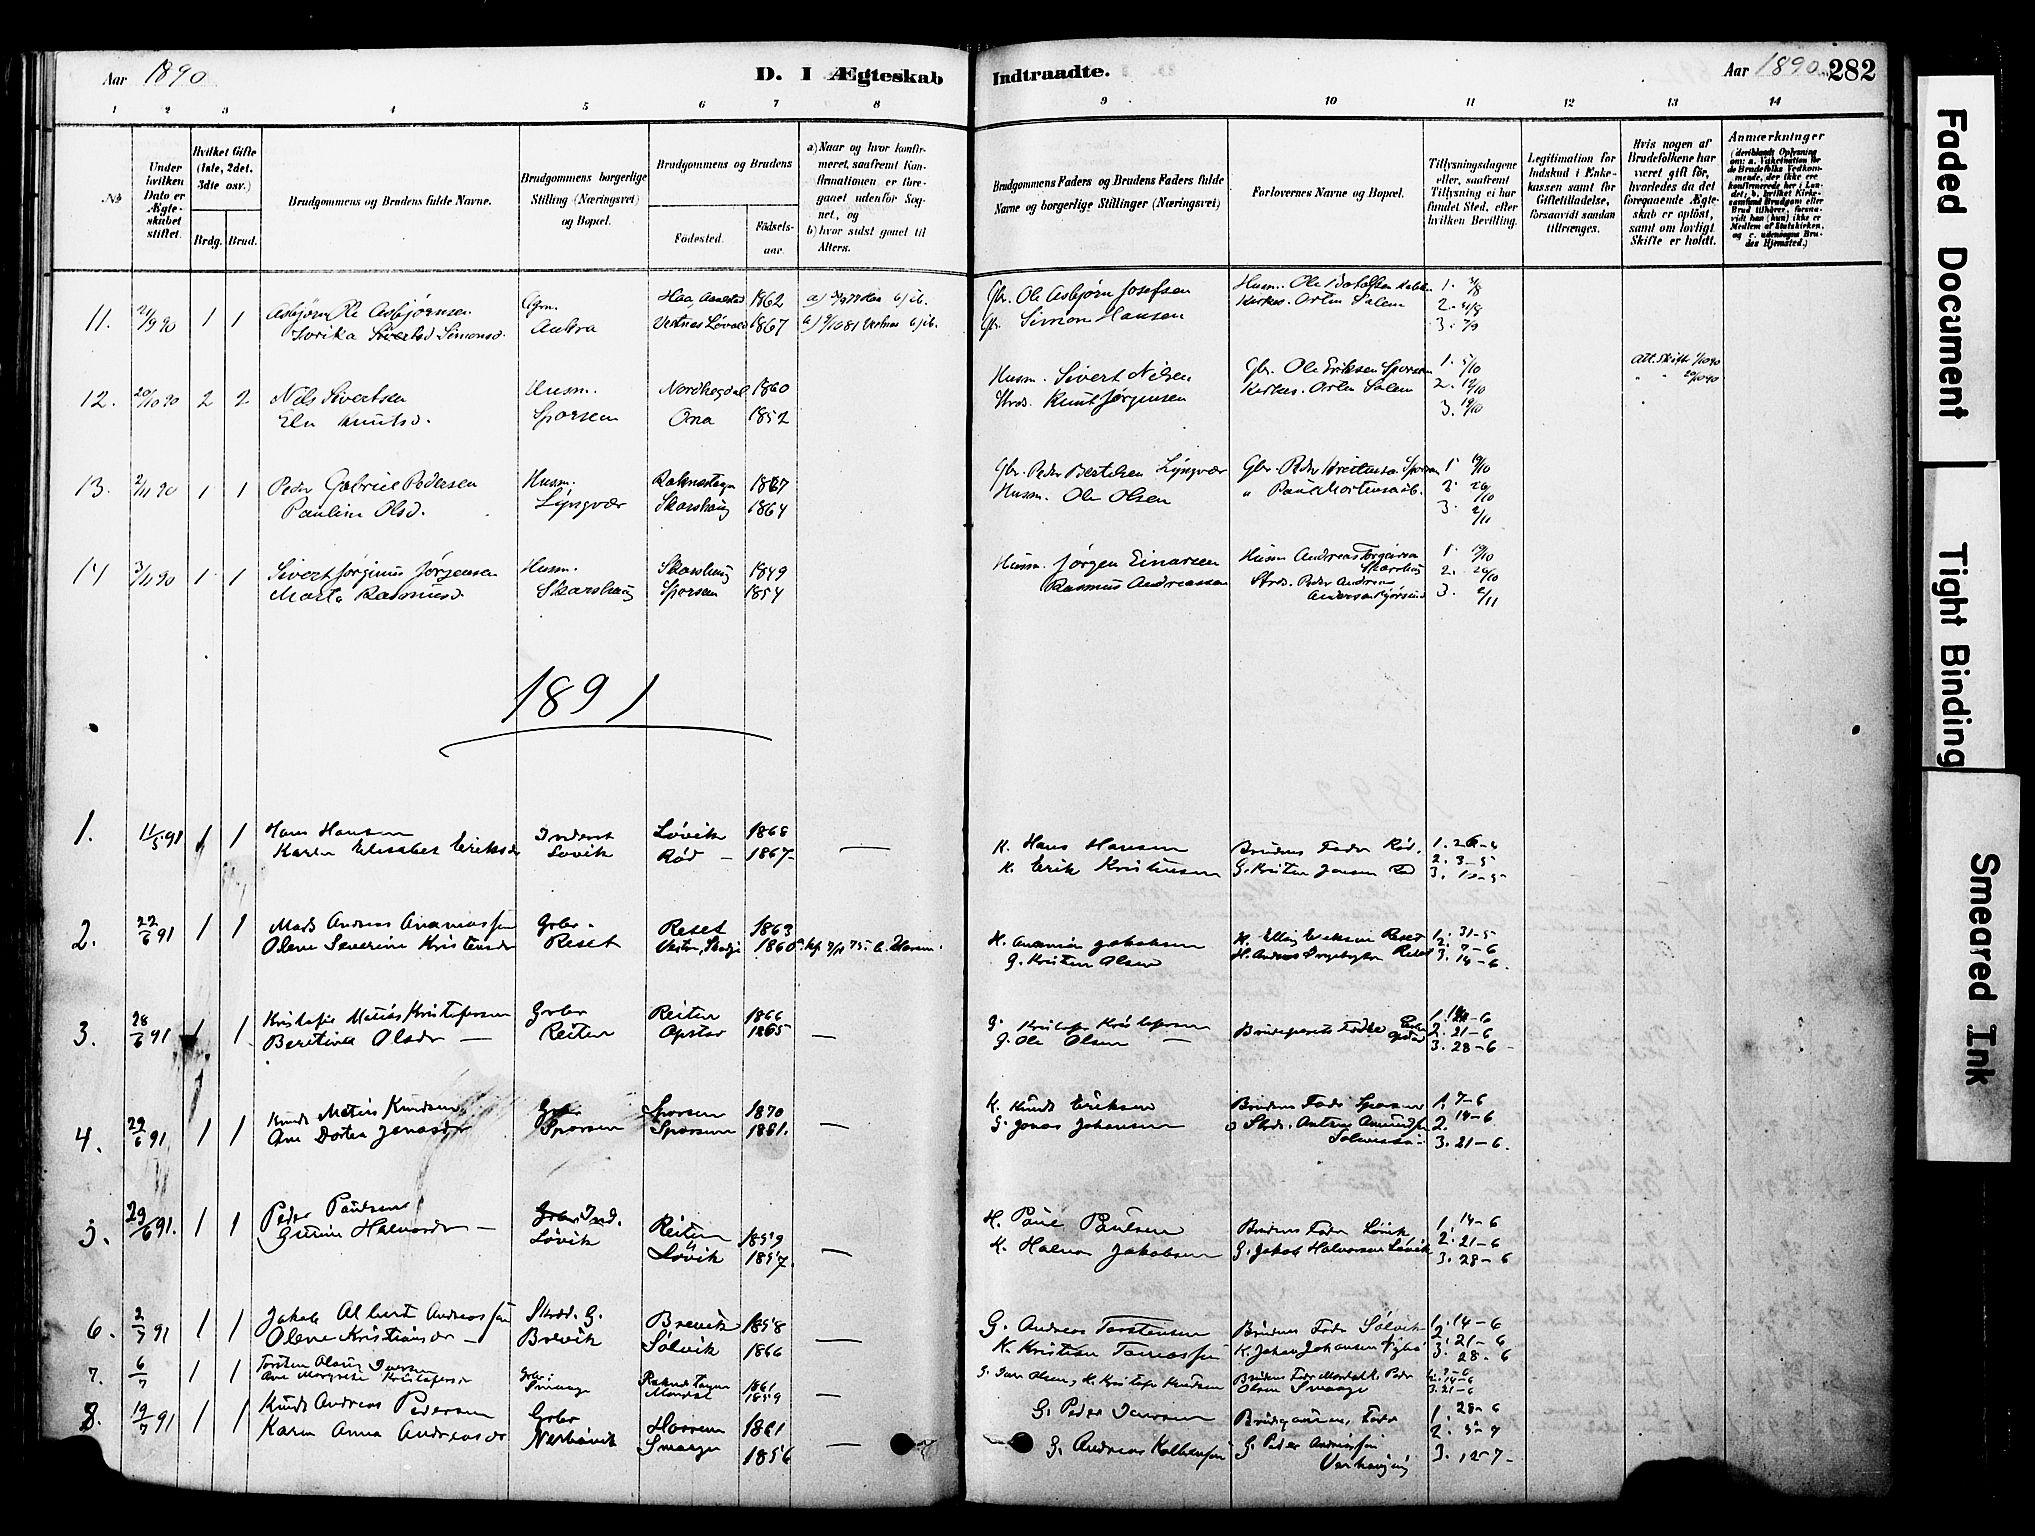 SAT, Ministerialprotokoller, klokkerbøker og fødselsregistre - Møre og Romsdal, 560/L0721: Ministerialbok nr. 560A05, 1878-1917, s. 282